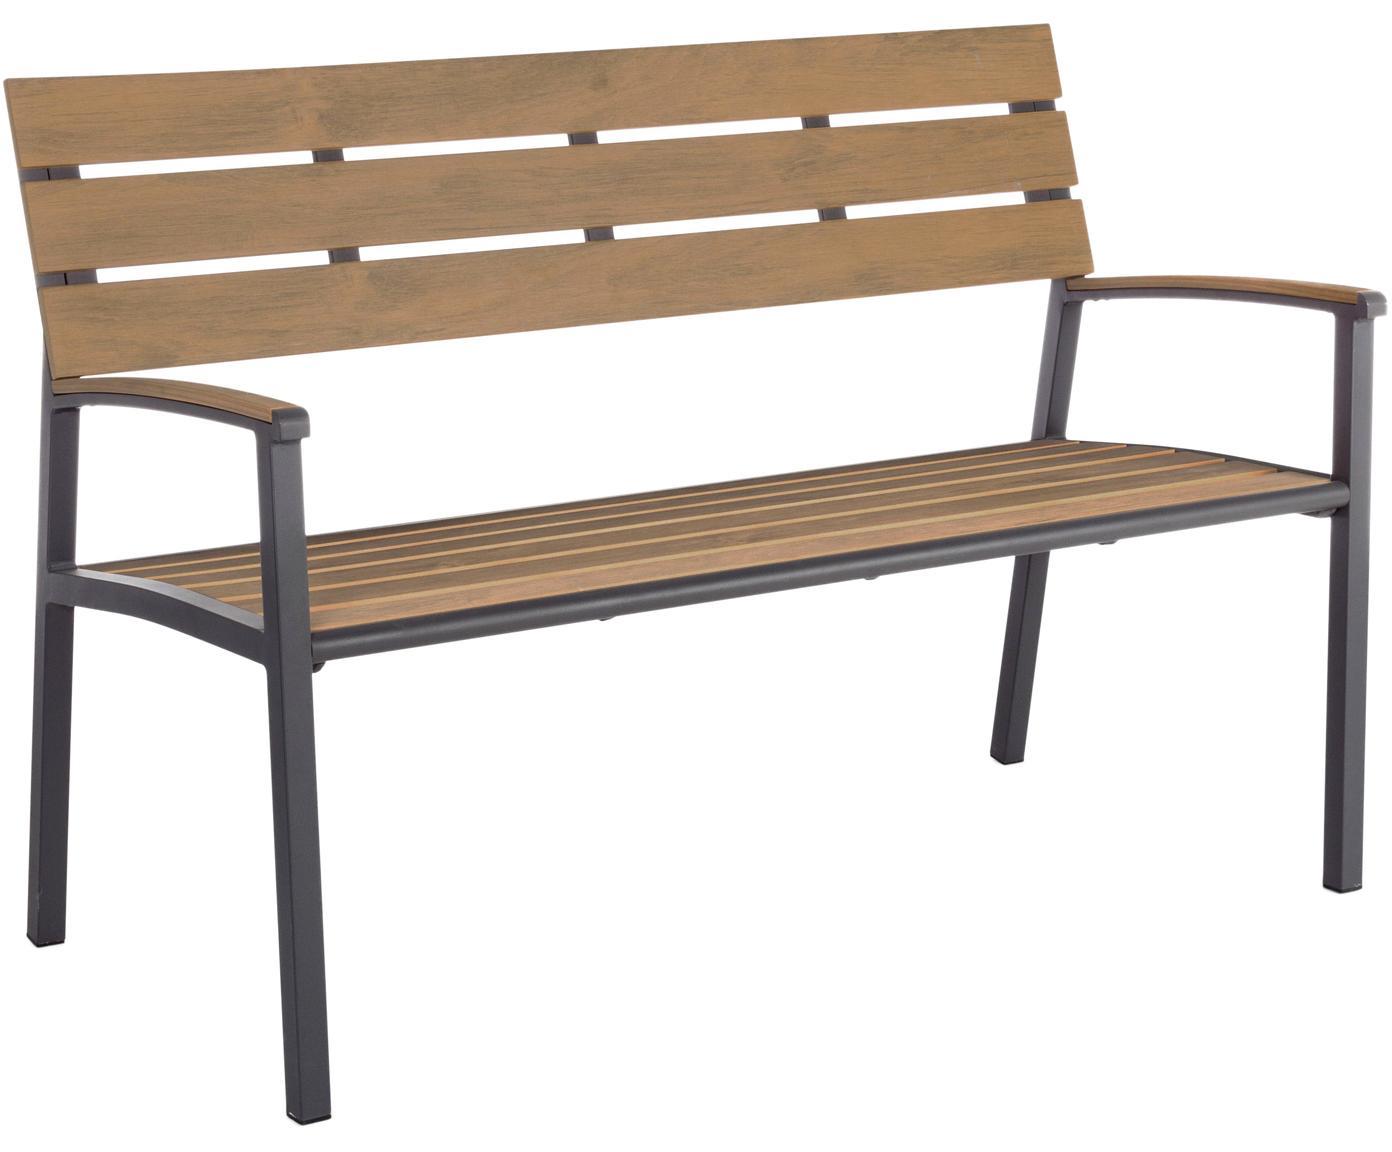 Panca da giardino Isak, Seduta: compensato rivestito, Struttura: alluminio verniciato a po, Antracite, marrone, Larg. 123 x Alt. 86 cm